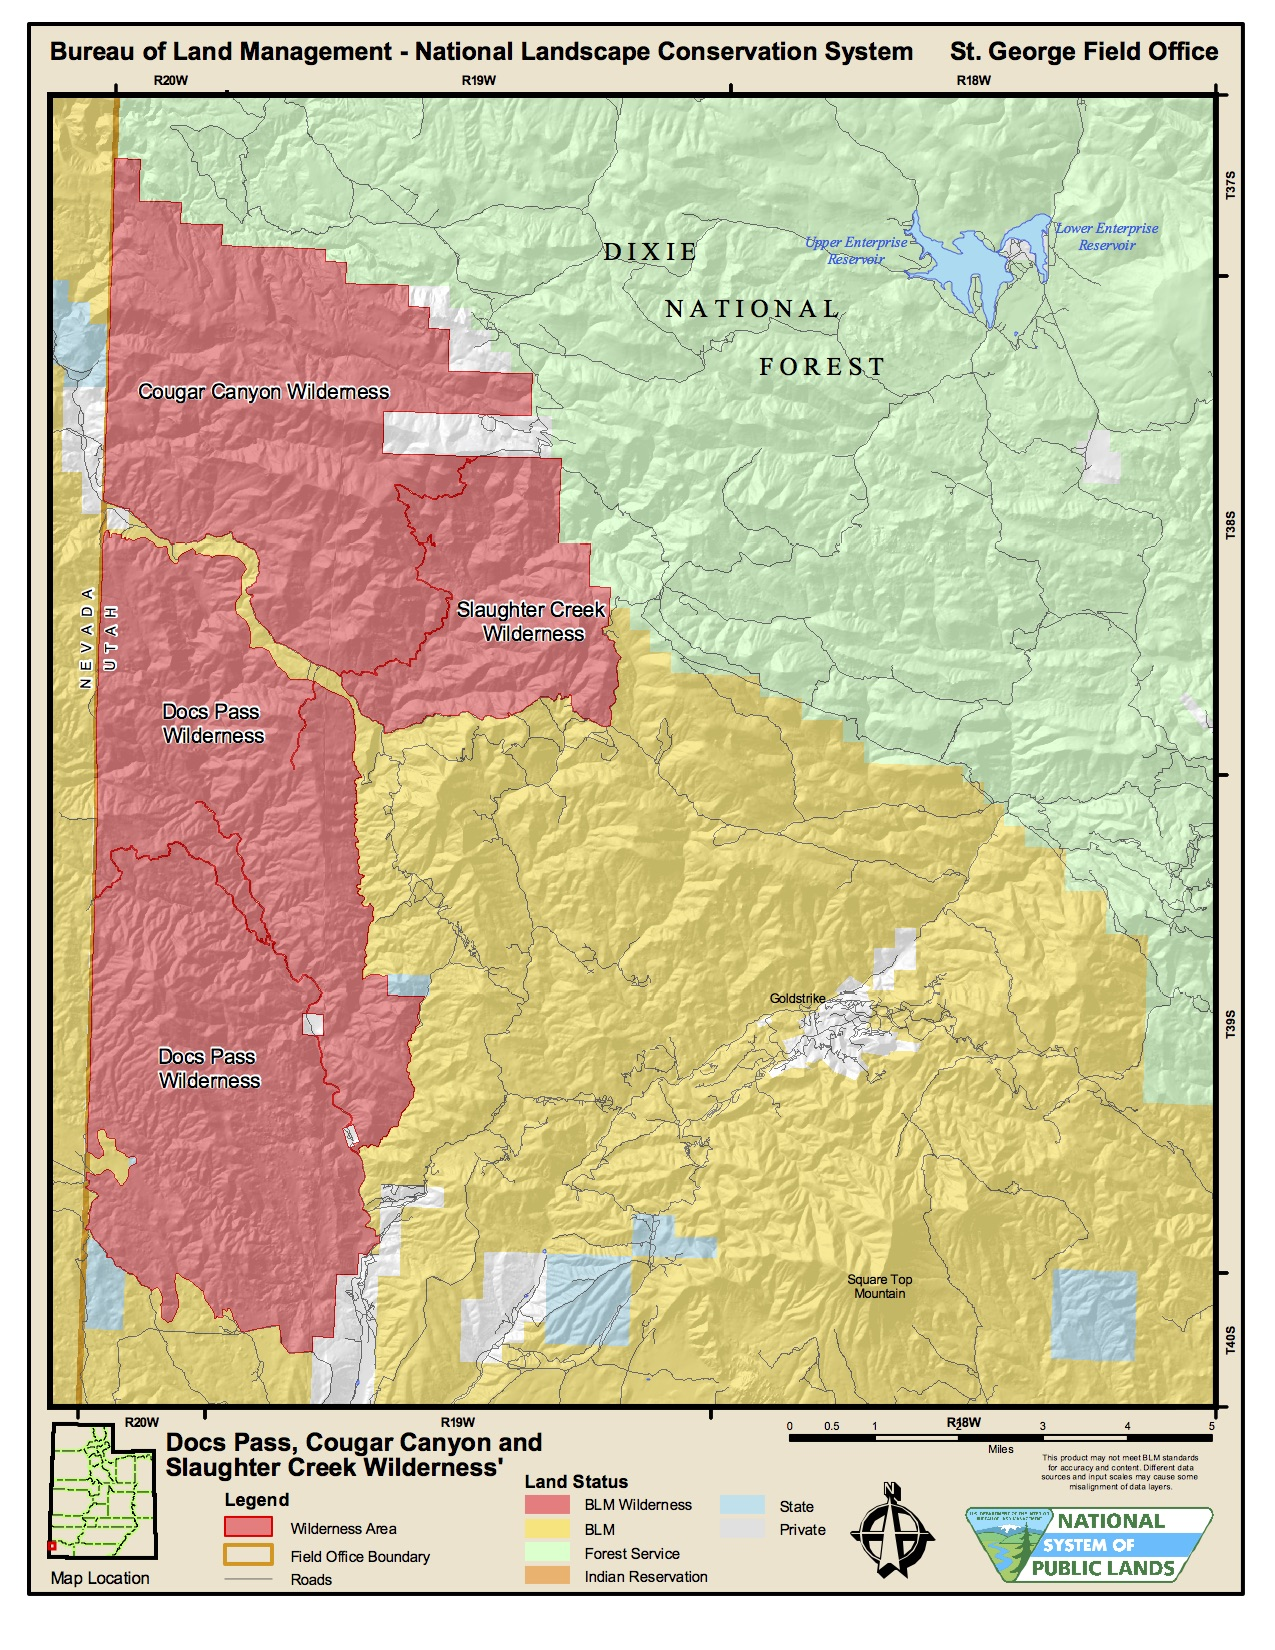 Map courtesy of Bureau of Land Management, St. George News